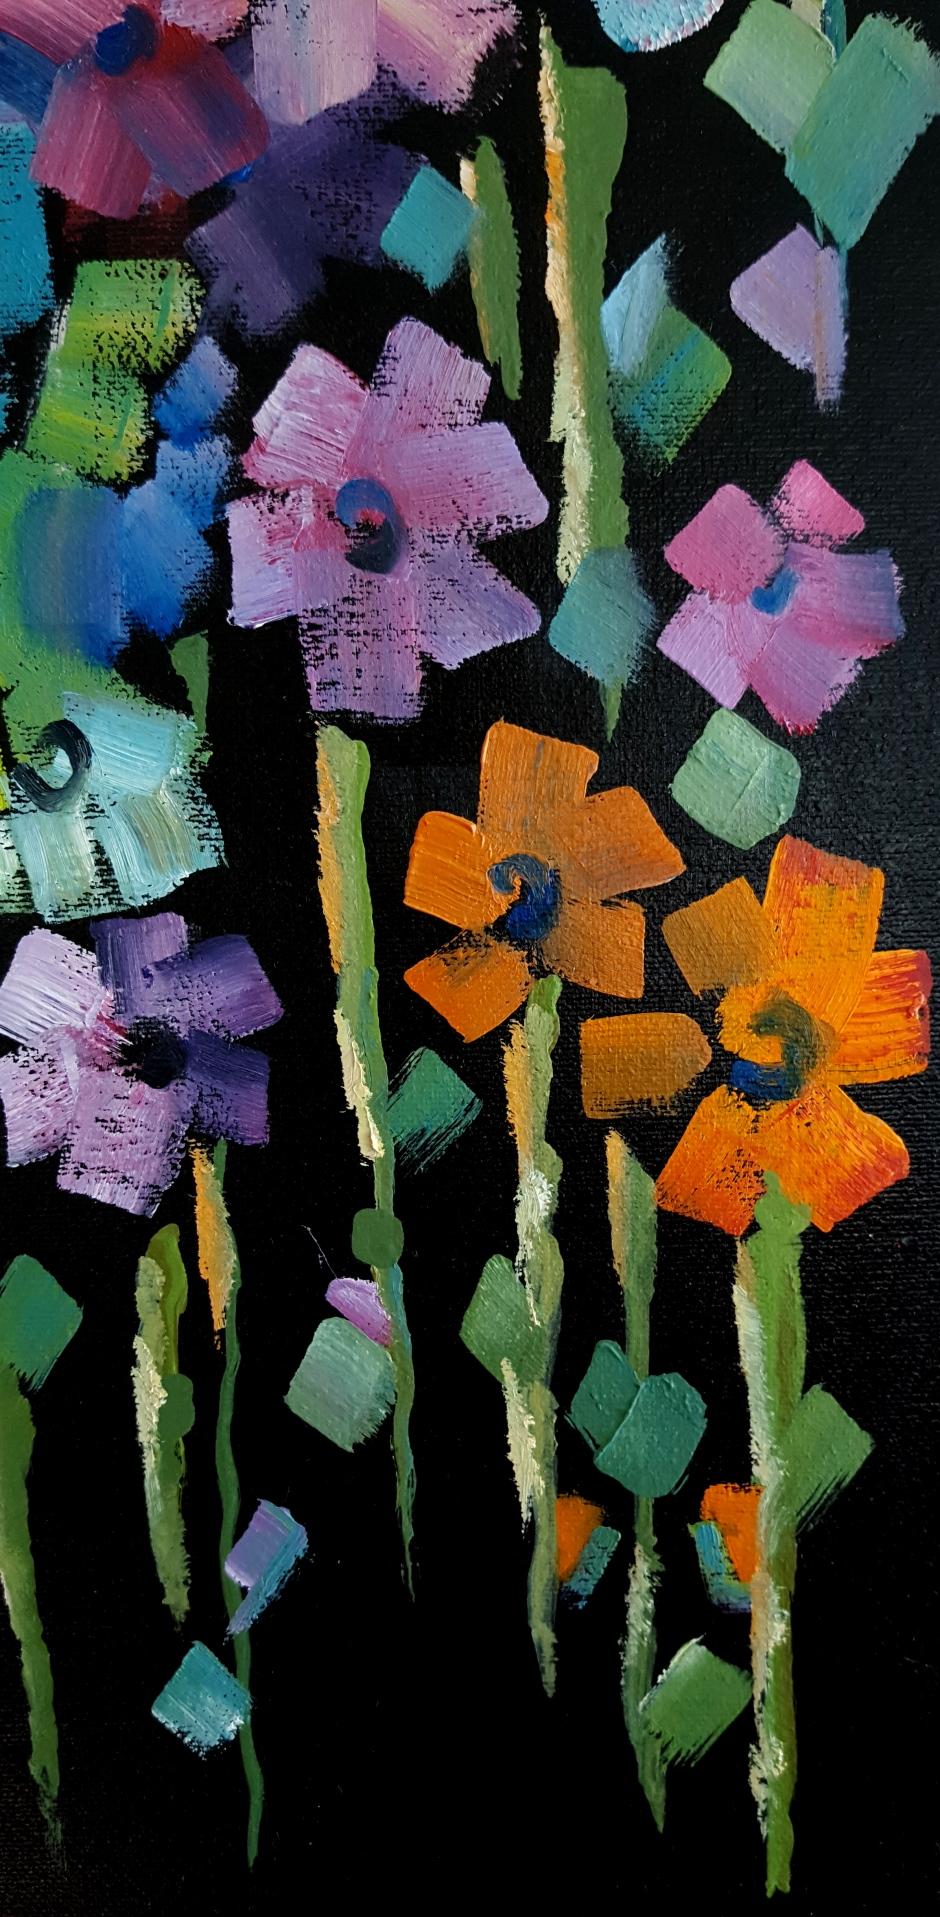 bhavna-misra-floral-2-hi-res